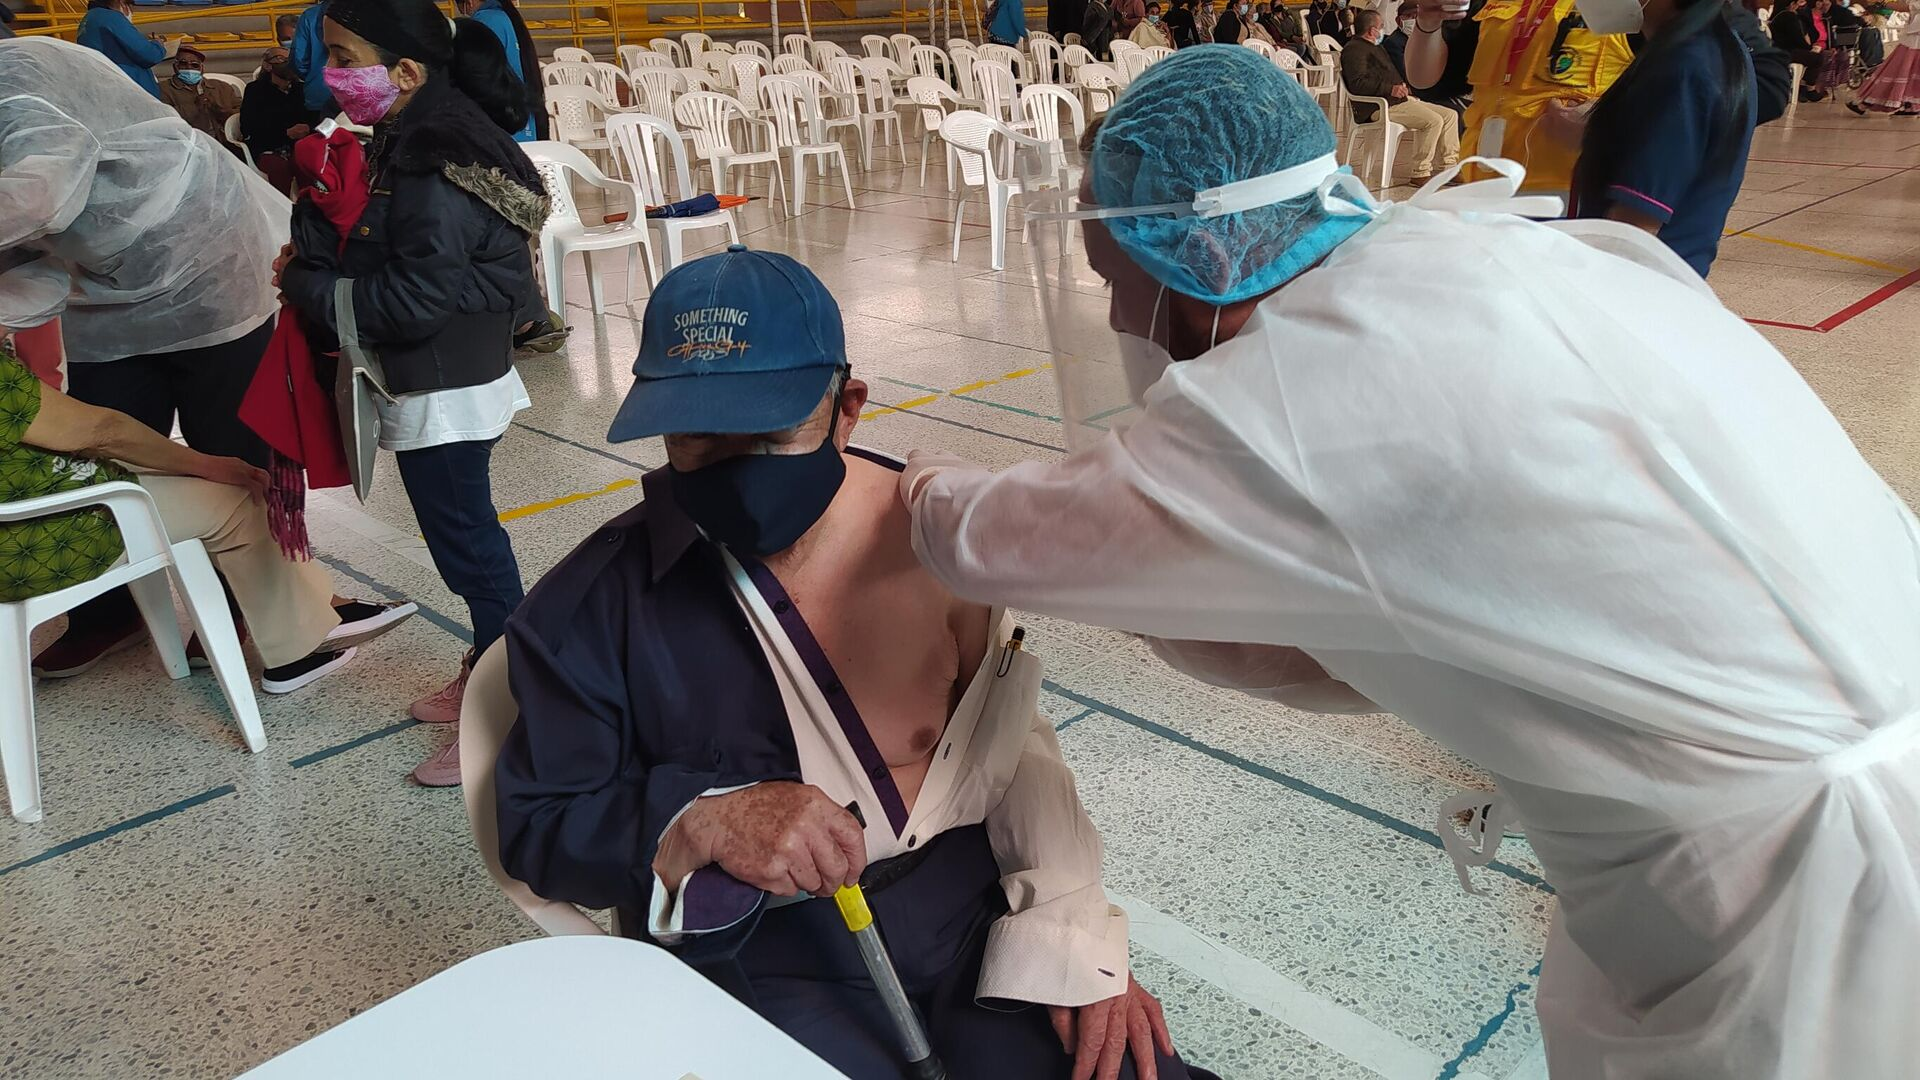 Un centro de vacunación contra COVID-19 en Bogotá, Colombia - Sputnik Mundo, 1920, 12.03.2021